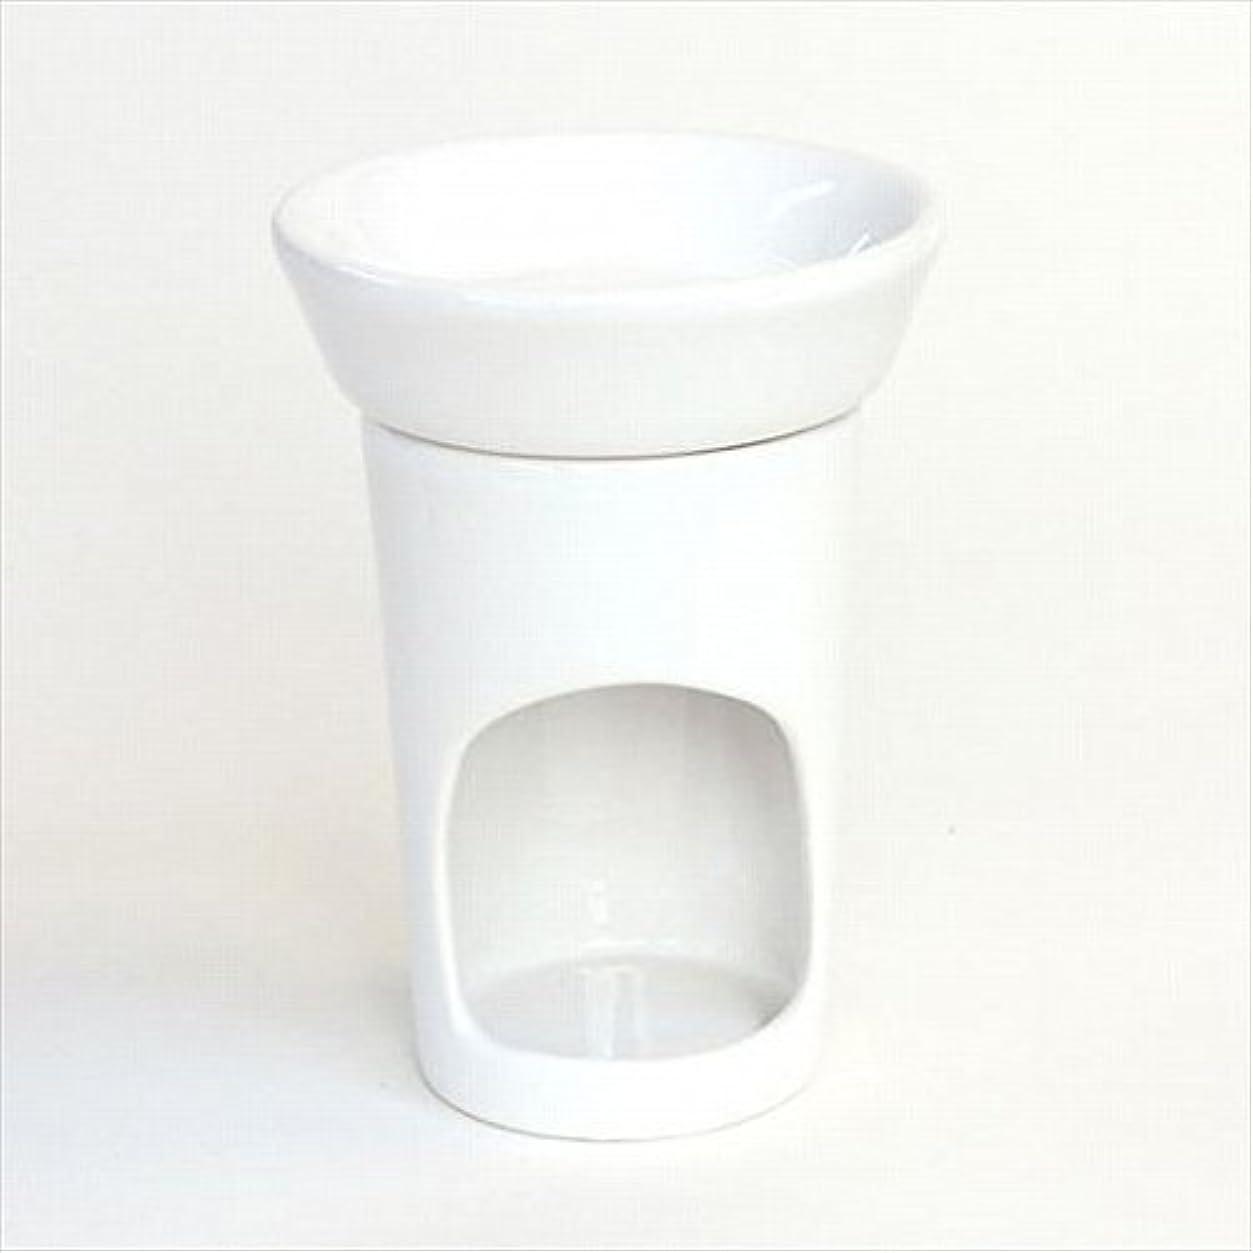 道徳性格見通しkameyama candle(カメヤマキャンドル) ブランタルトウォーマー キャンドル 78x78x116mm (J5250000)